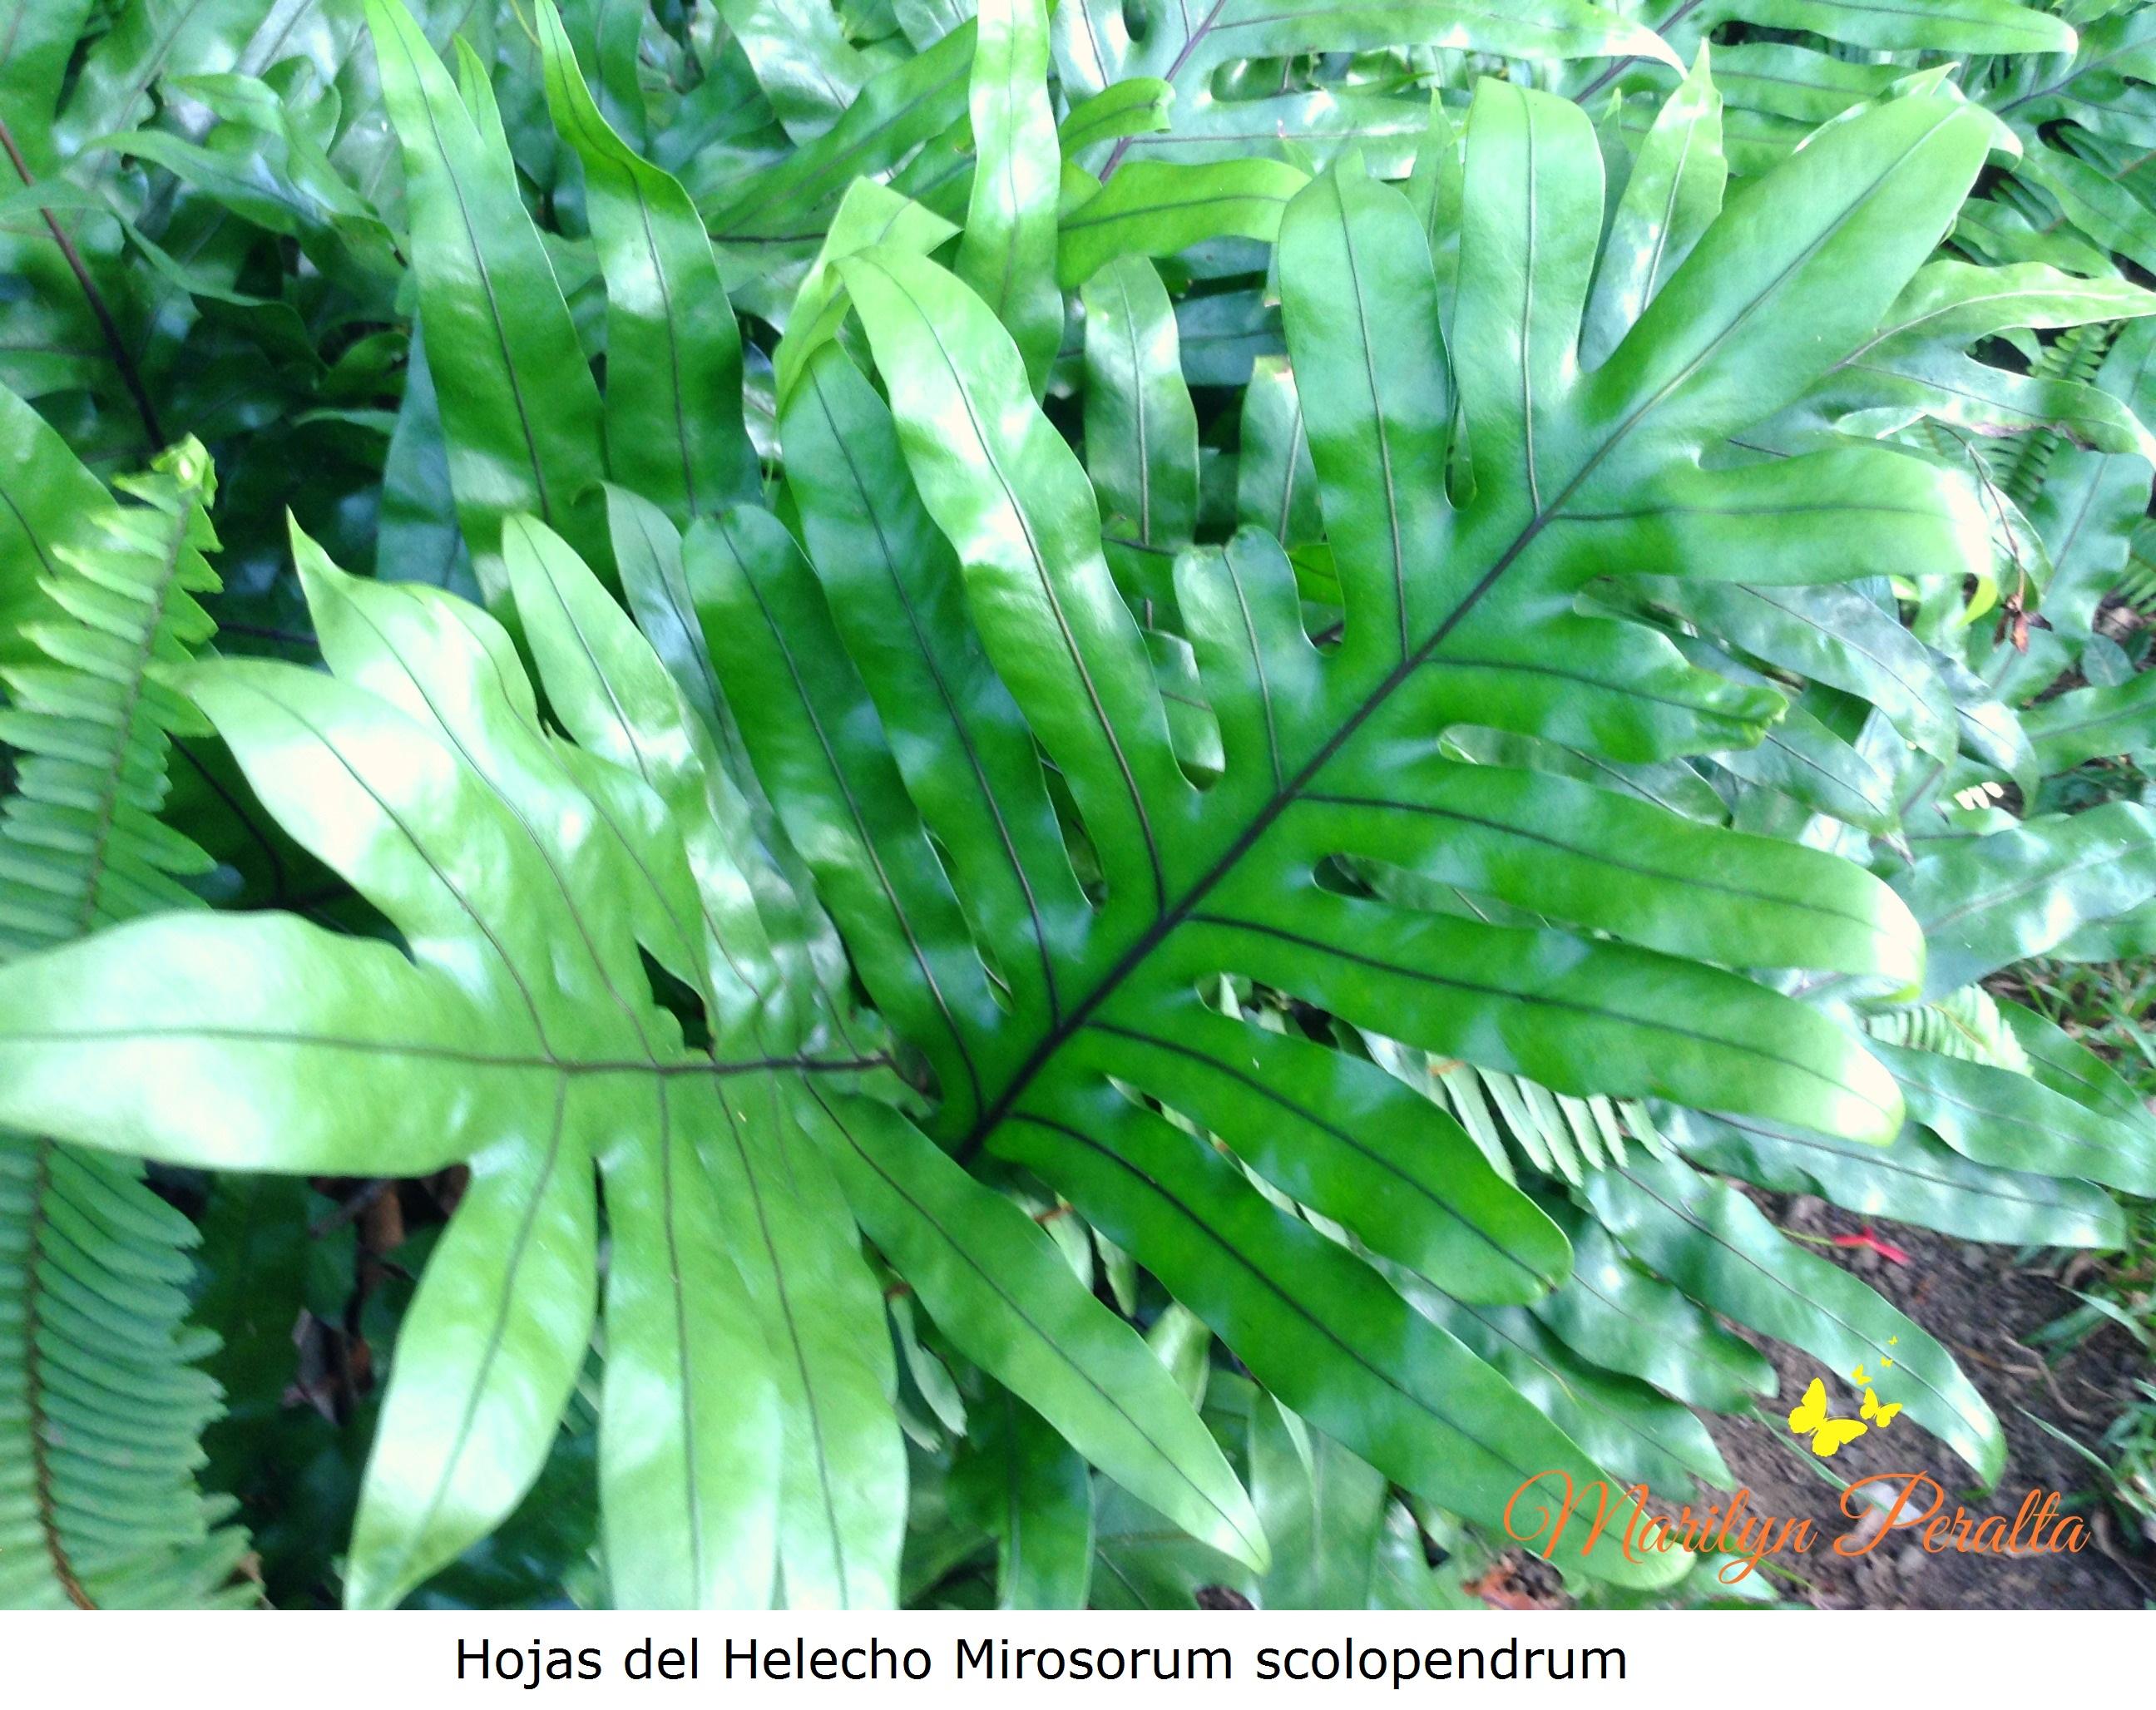 Helecho manito o helecho canguro rboles y flores en for Planta ornamental helecho nombre cientifico